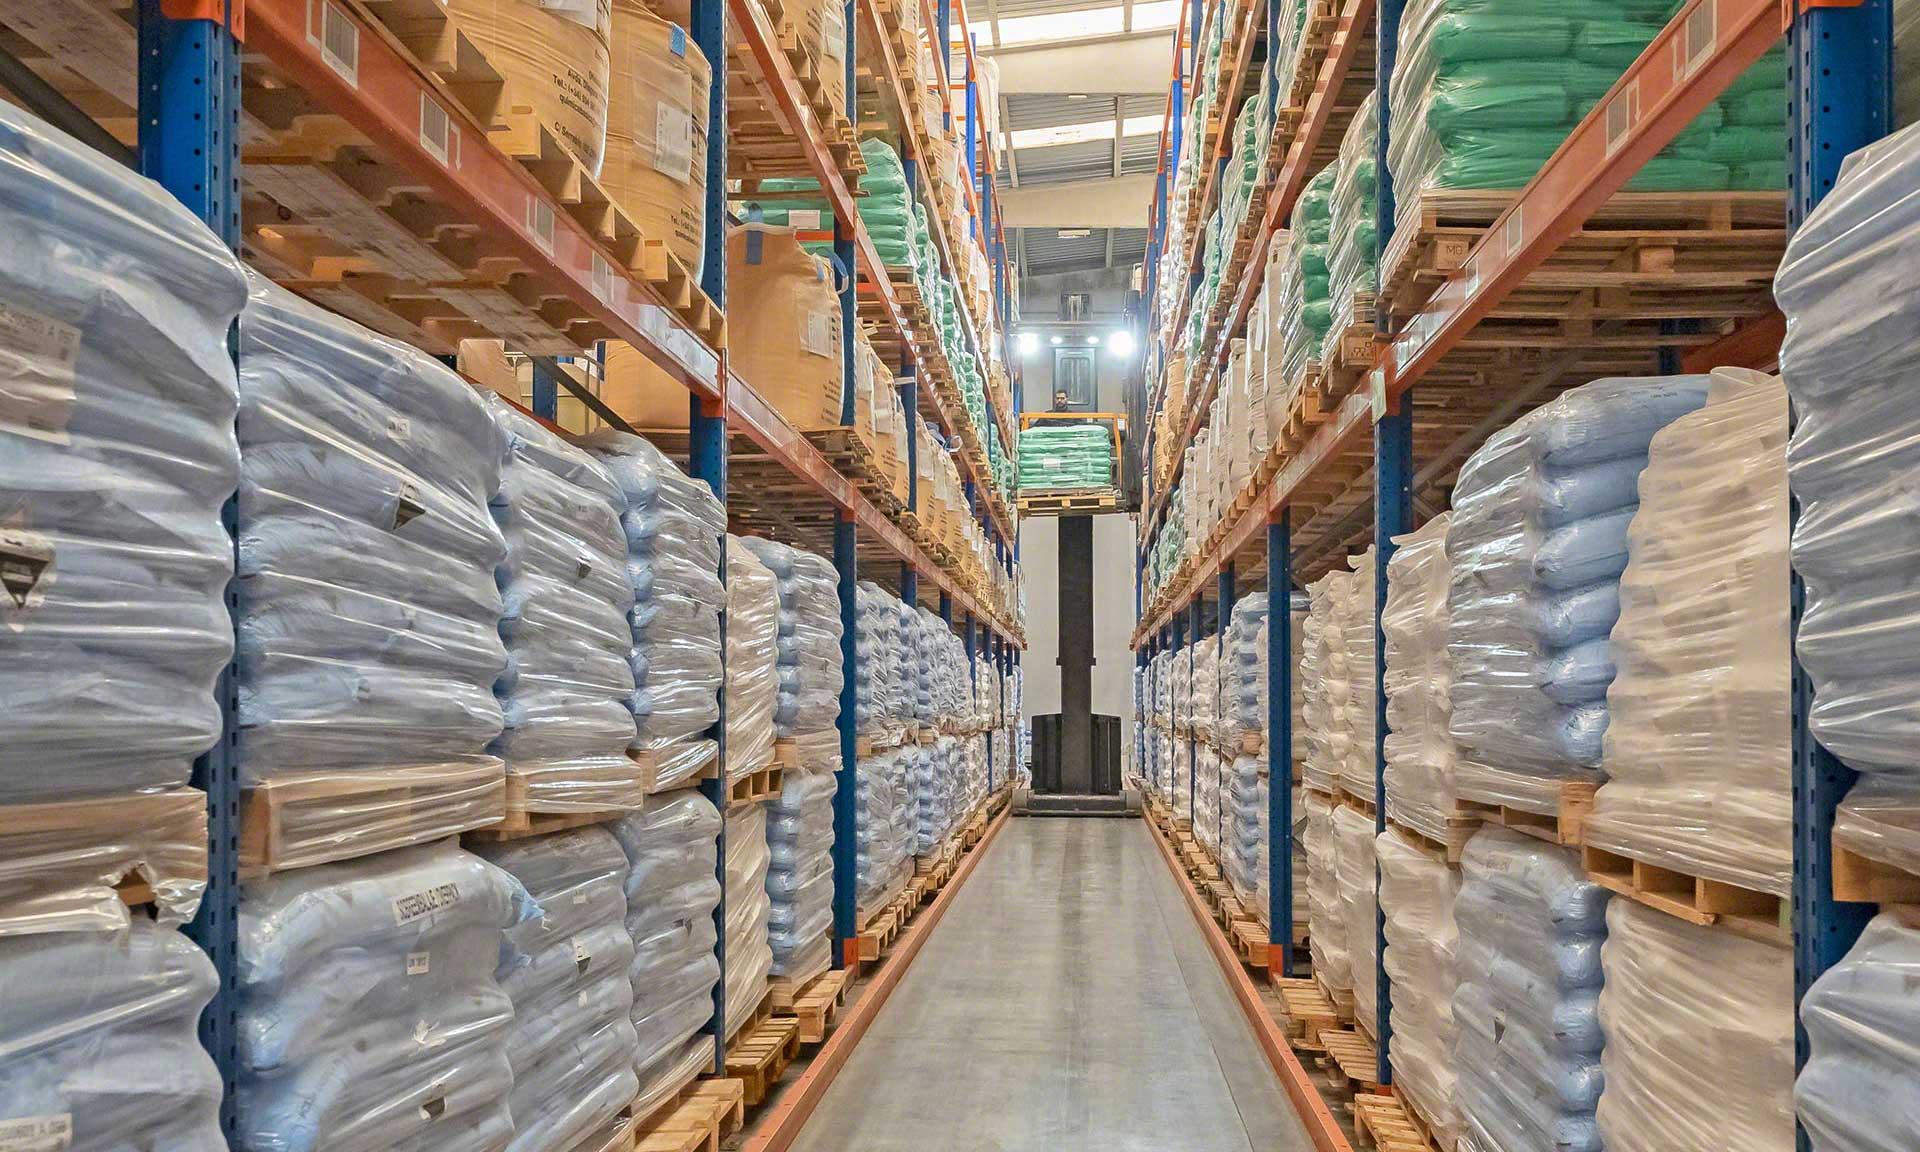 Global-TALKE: armazém setorizado com mais de 1.000 referências de produtos químicos